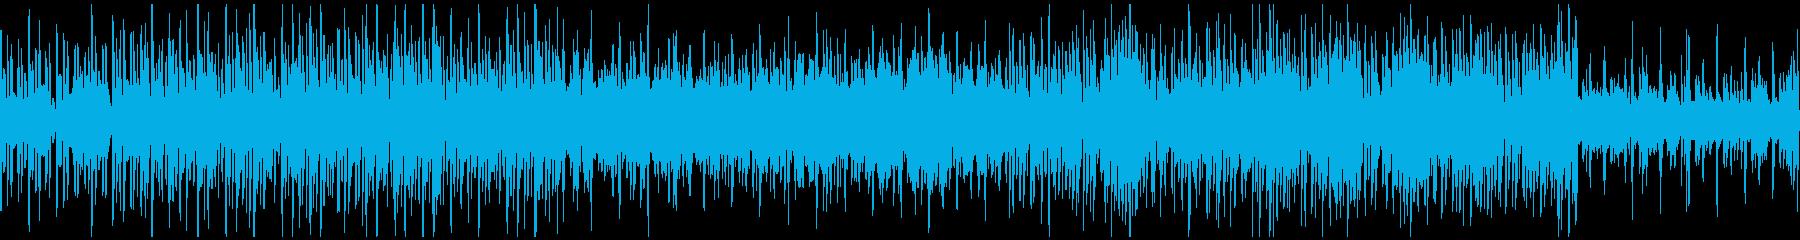 キレイめで少しオシャレなアップテクノの再生済みの波形